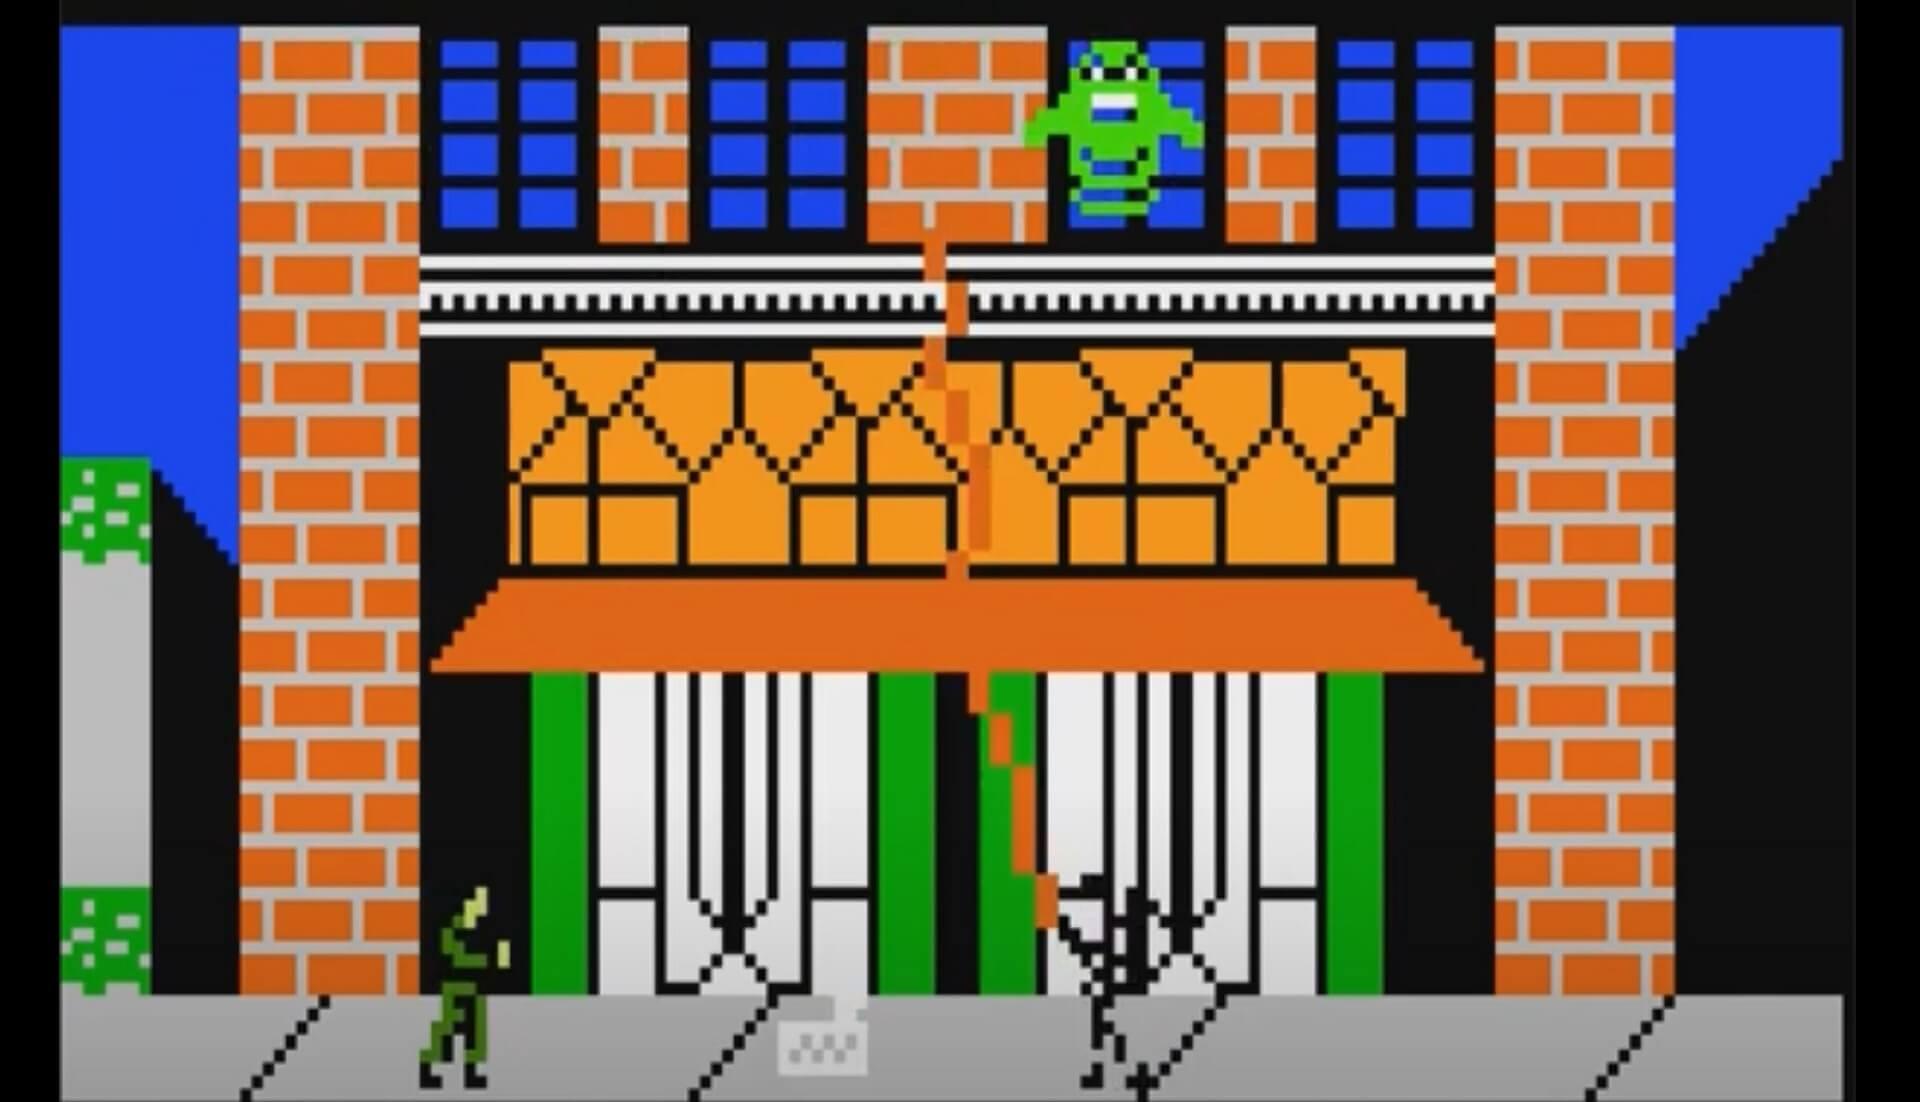 Ghostbuster von 1984 erhält eine Fan-Portierung auf das Intellivision